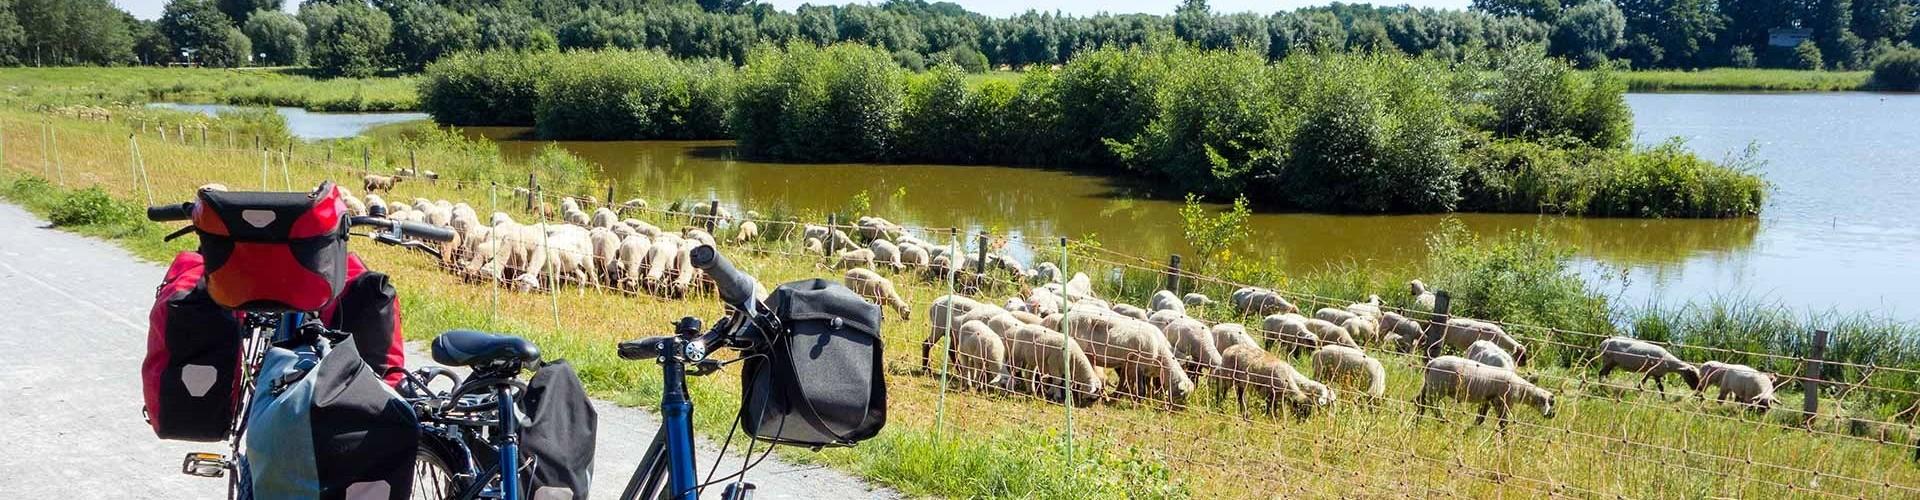 Unieke wandelvakantie in Hongarije